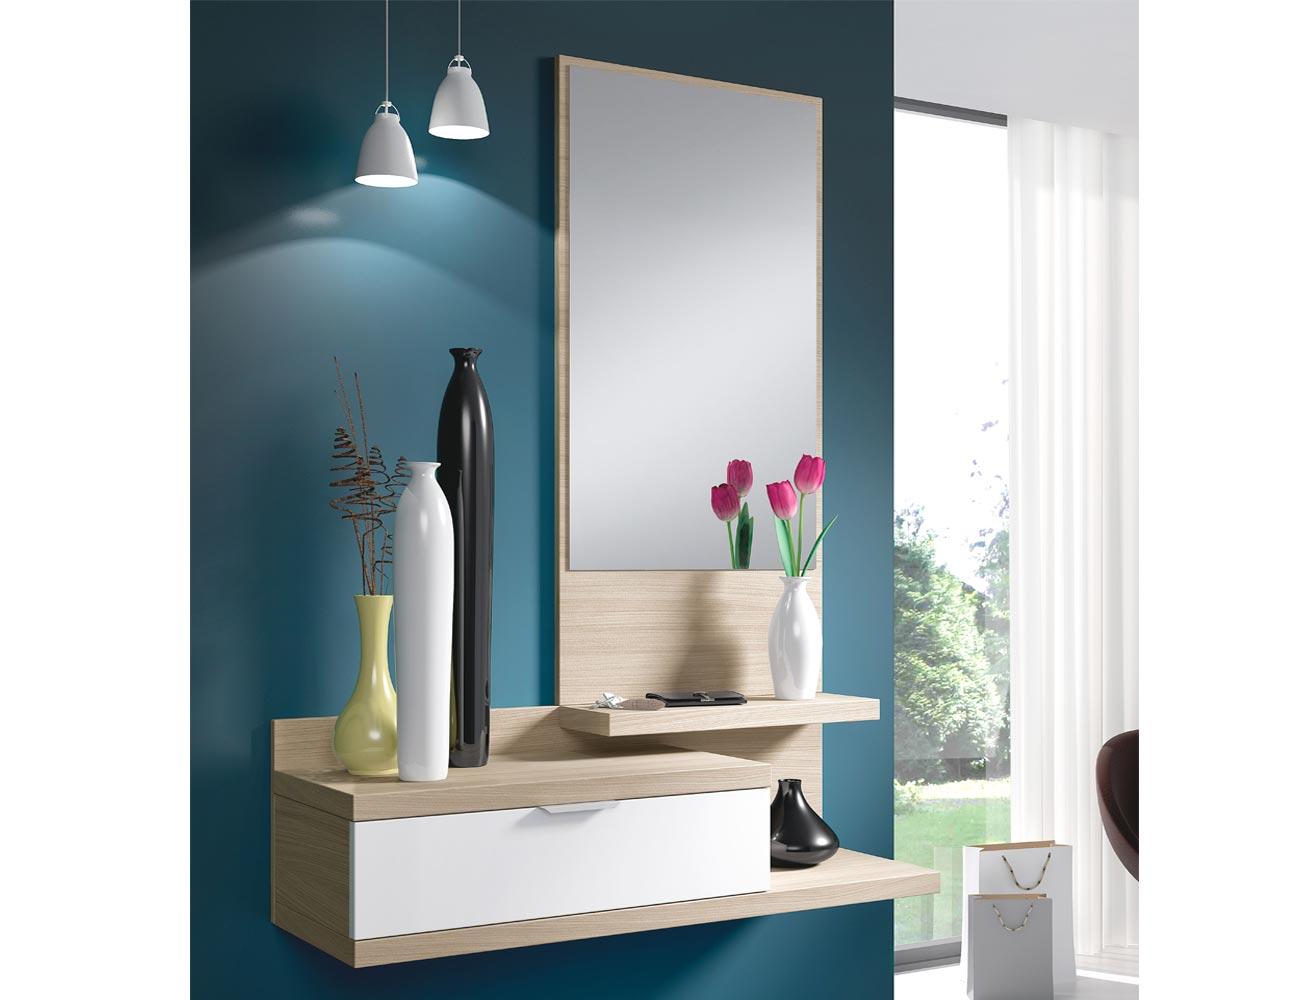 Recibidor De Colgar Con Espejo Y Un Caj N En Color Roble Natural  # Muebles Efecto Espejo